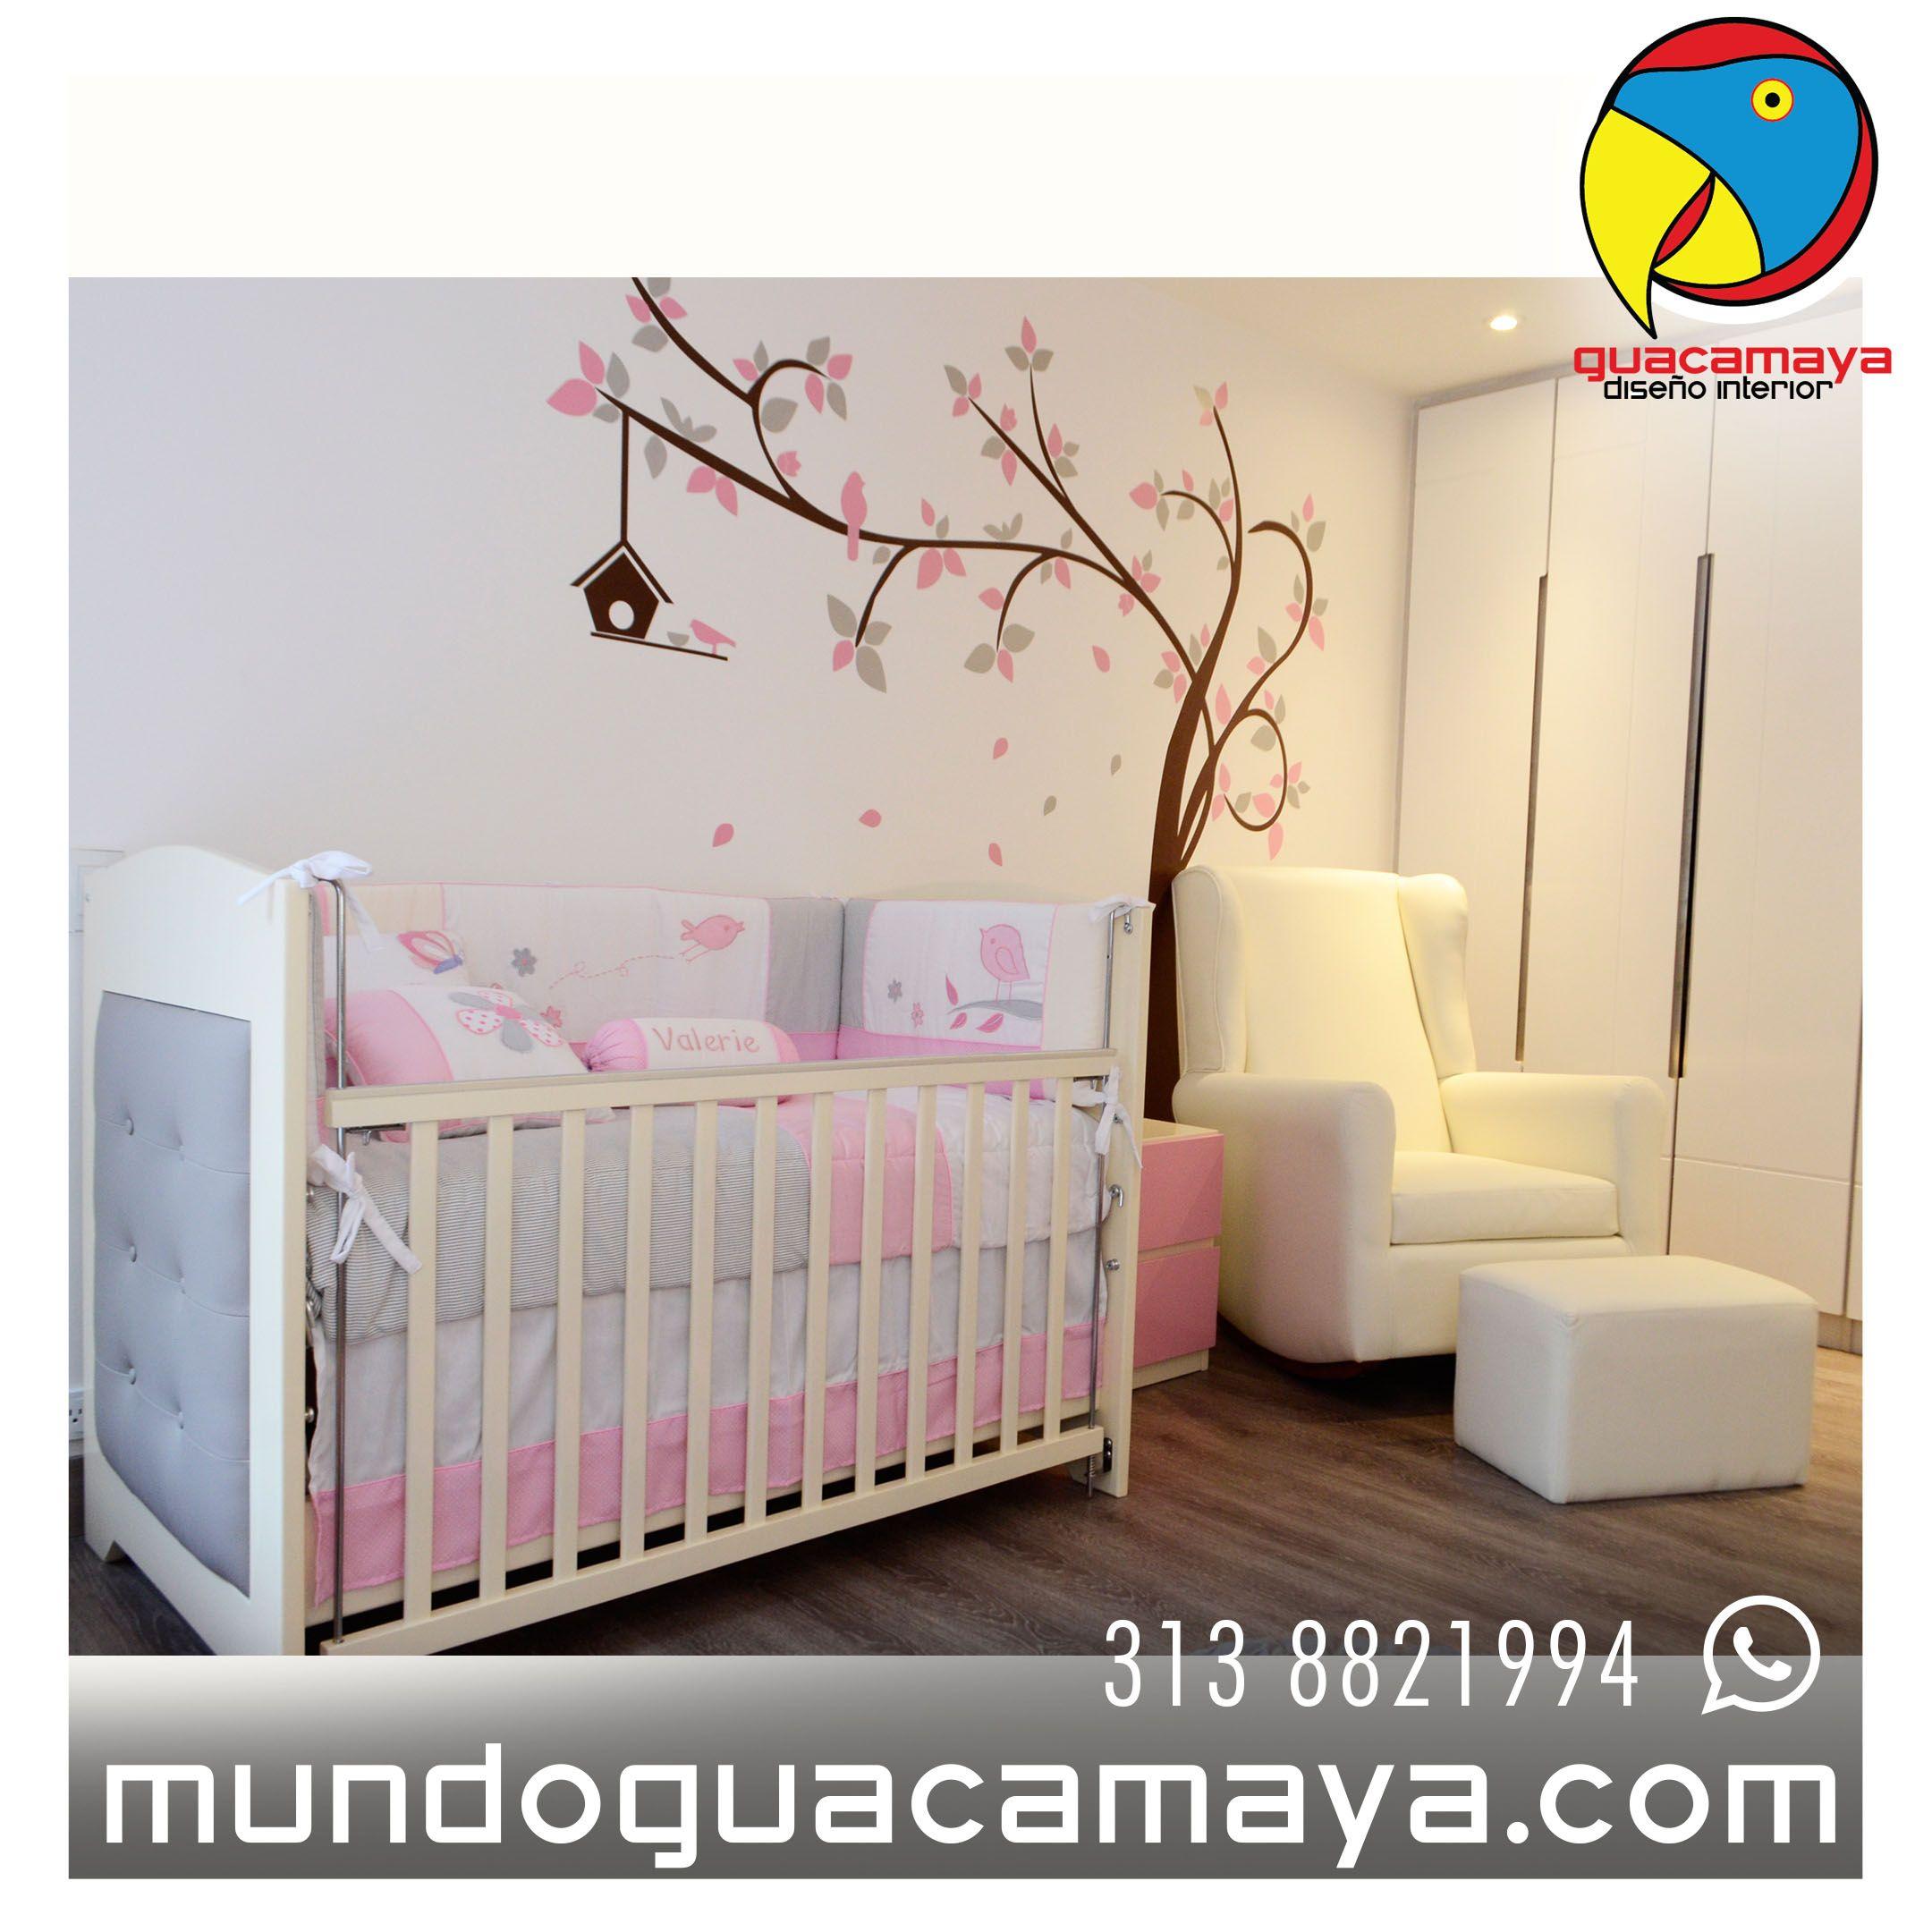 Vinilos decoraci n habitaciones de beb ni a quieres for Decoracion para habitacion de bebe nina